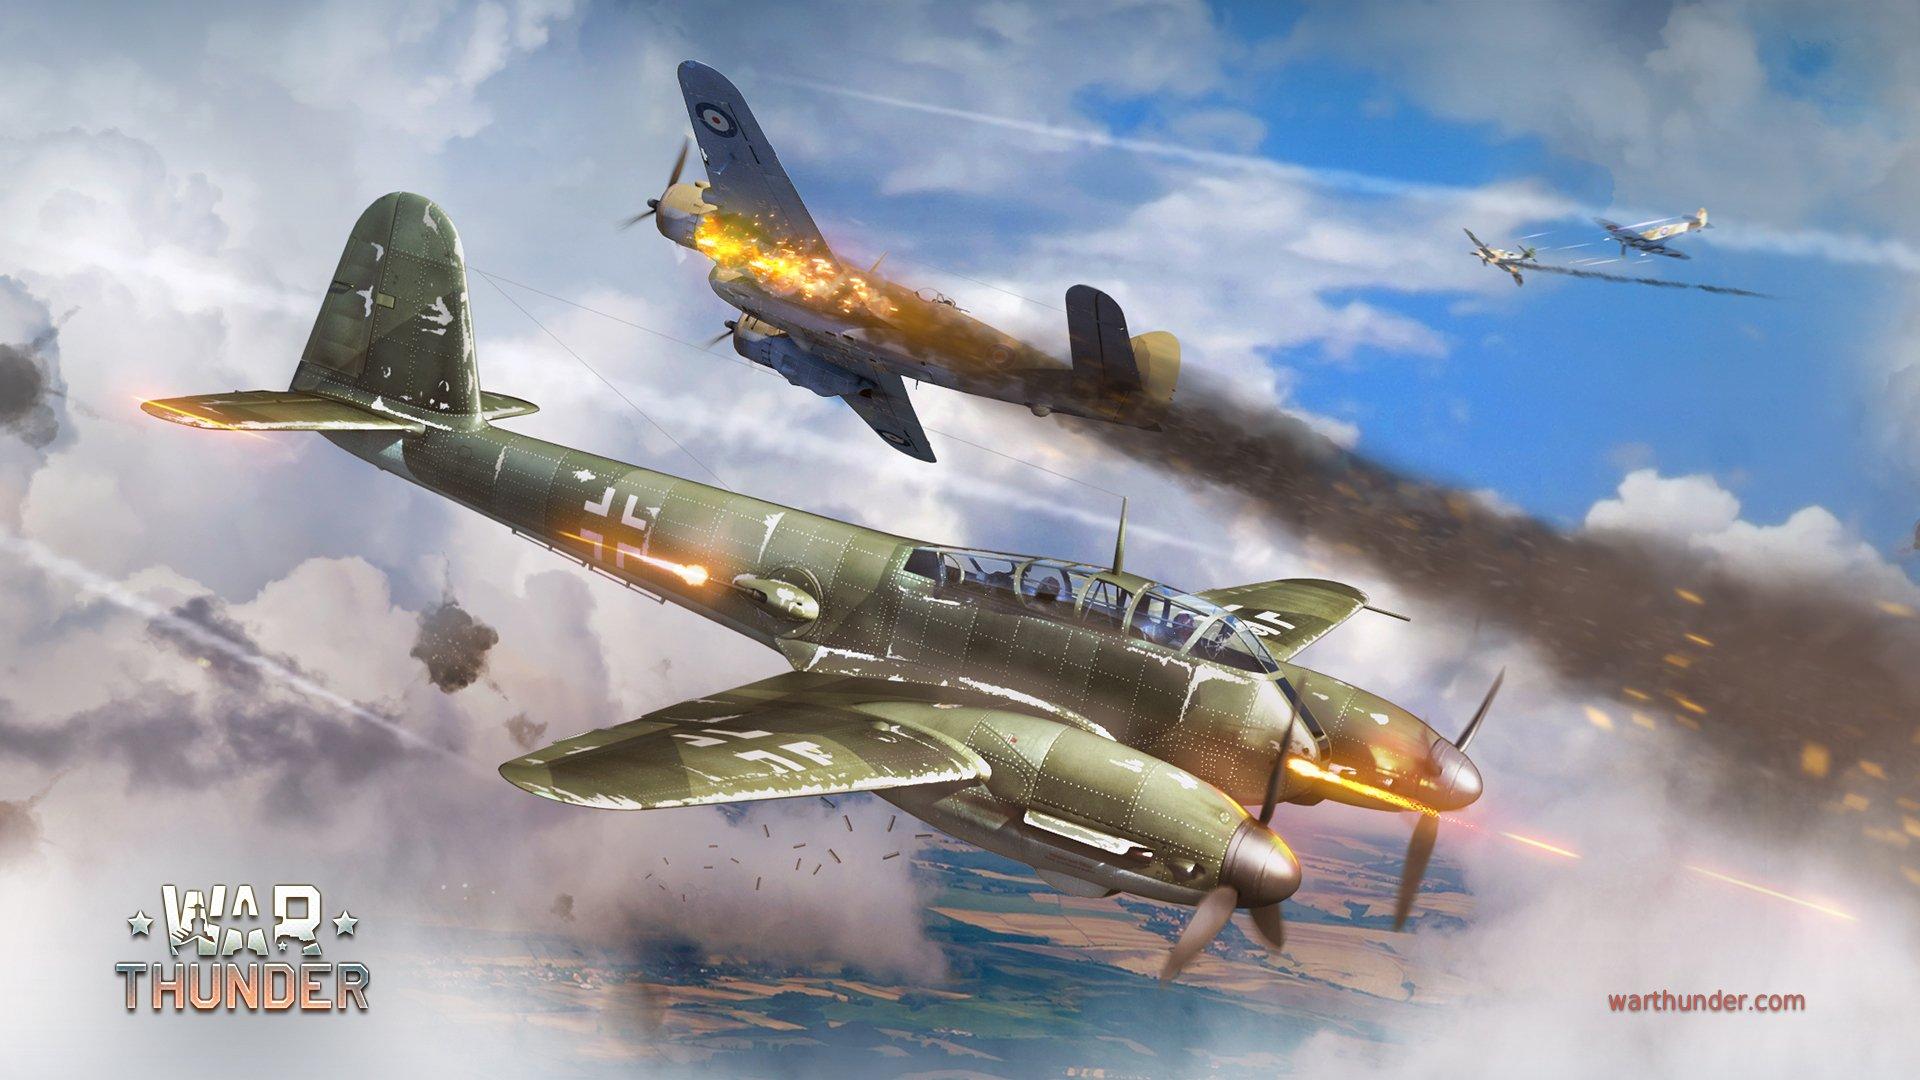 Обои Ме-410, war thunder, Самолёт, истребитель, война, Облака. Игры foto 8